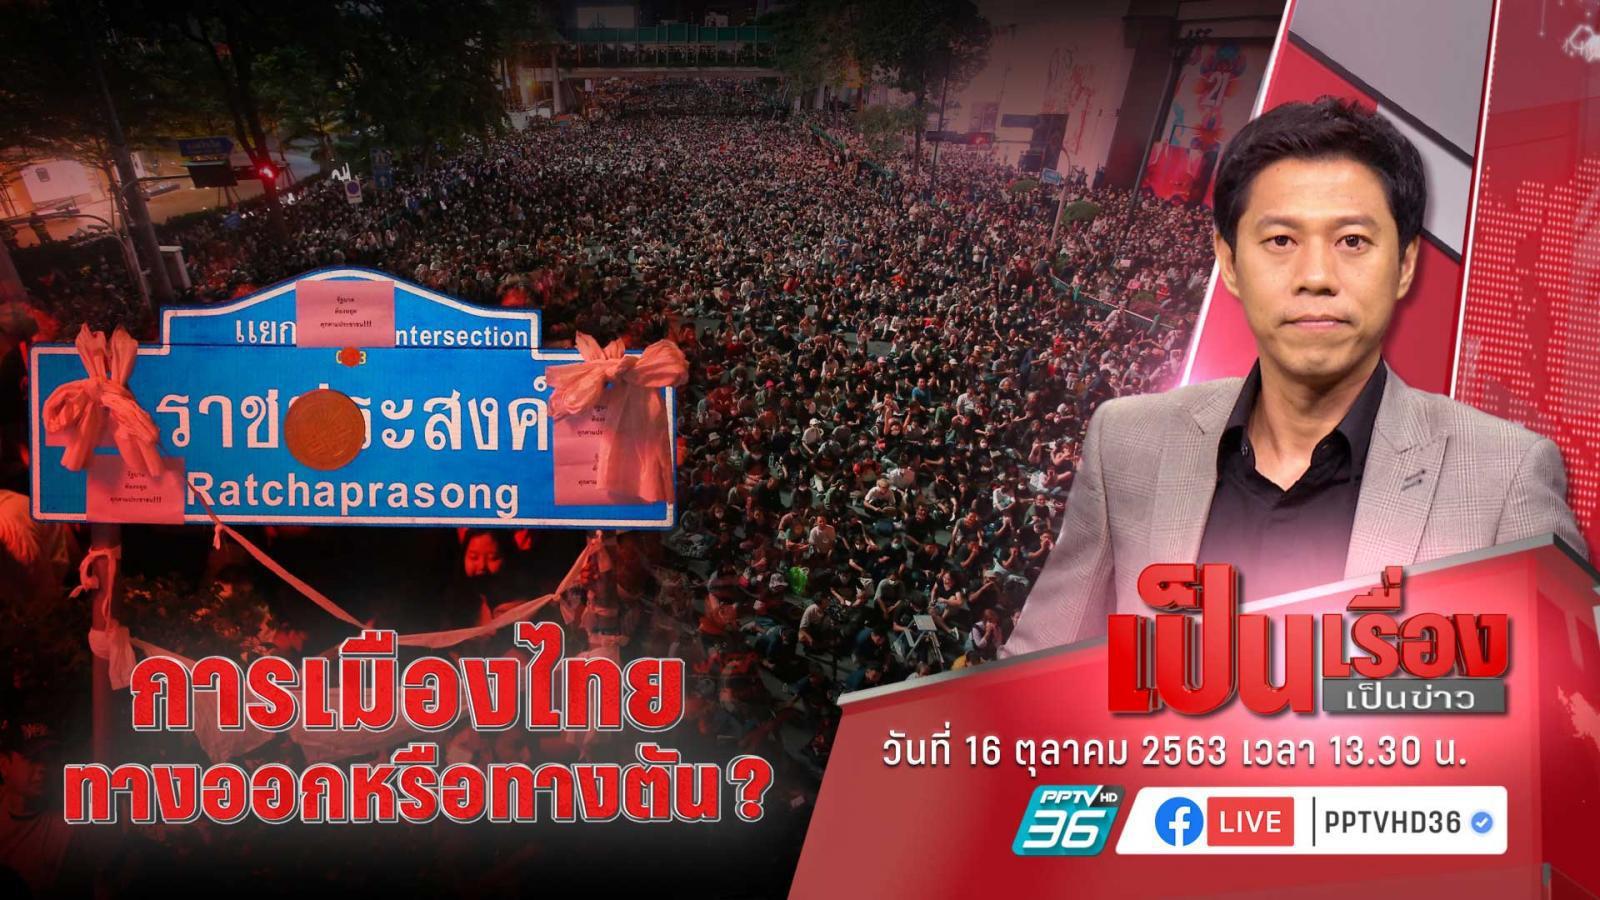 การเมืองไทย ทางออกหรือทางตัน?